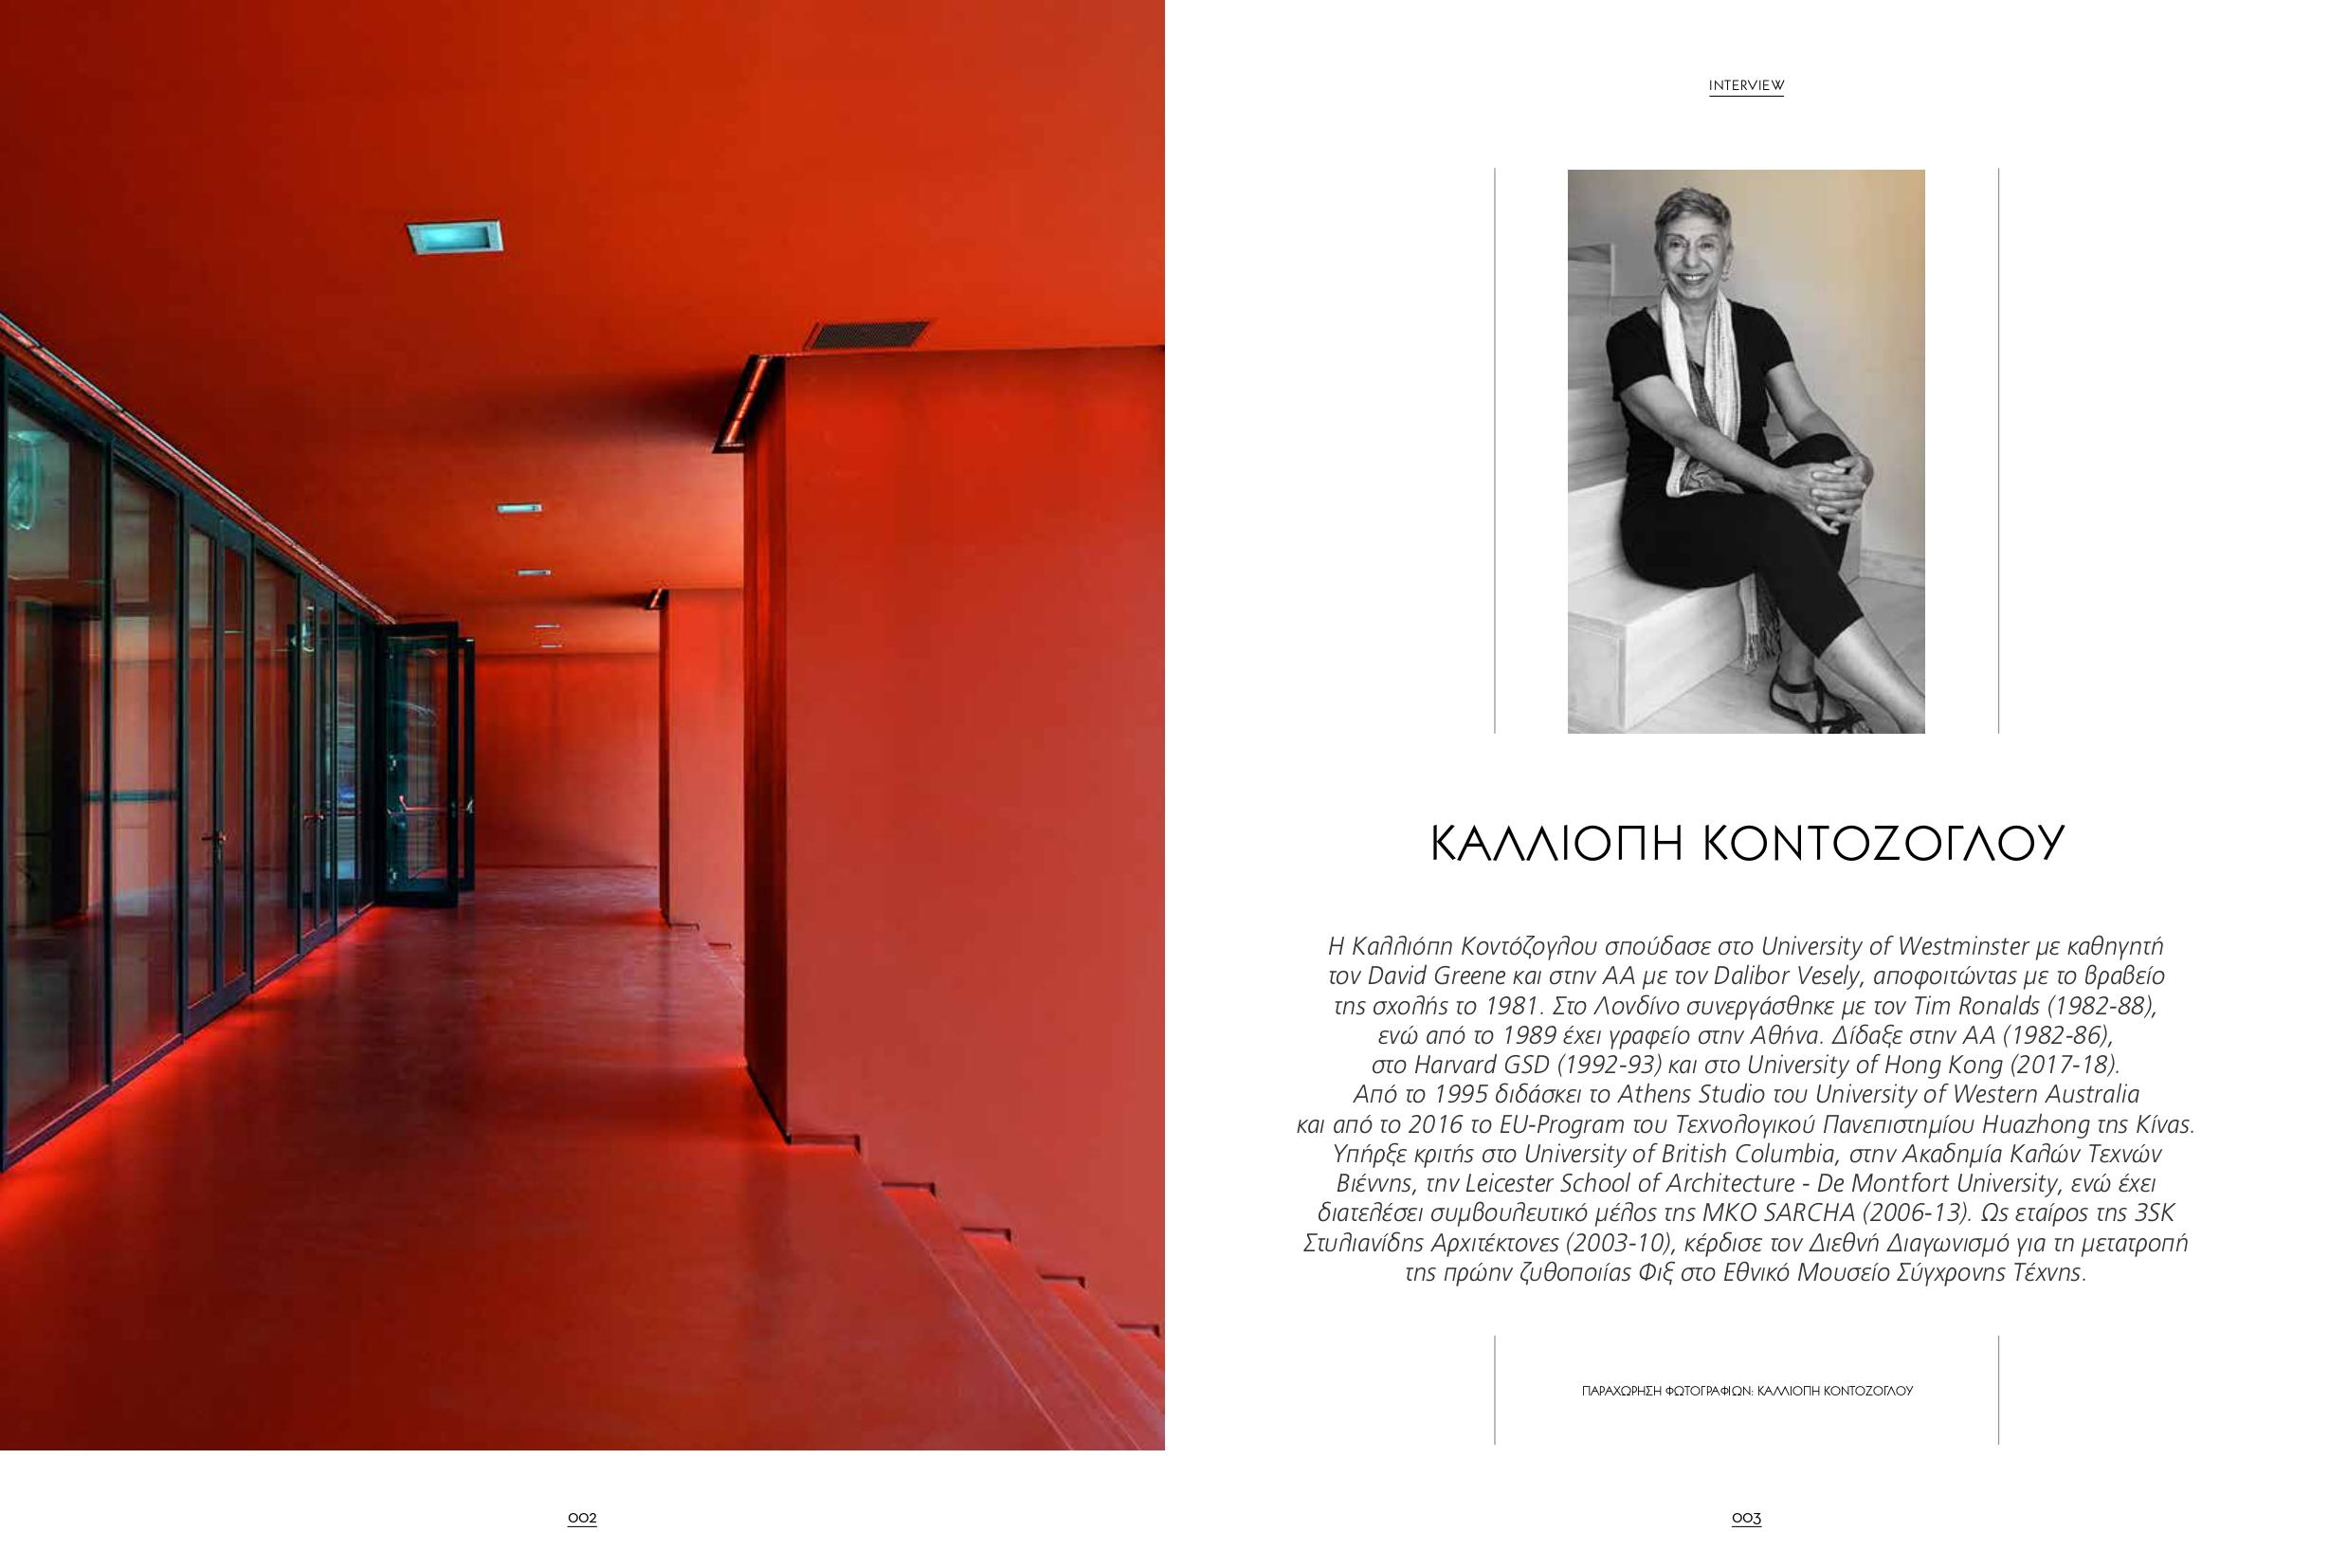 ek250_KONTOZOGLOU_INTERVIEW_page-0001